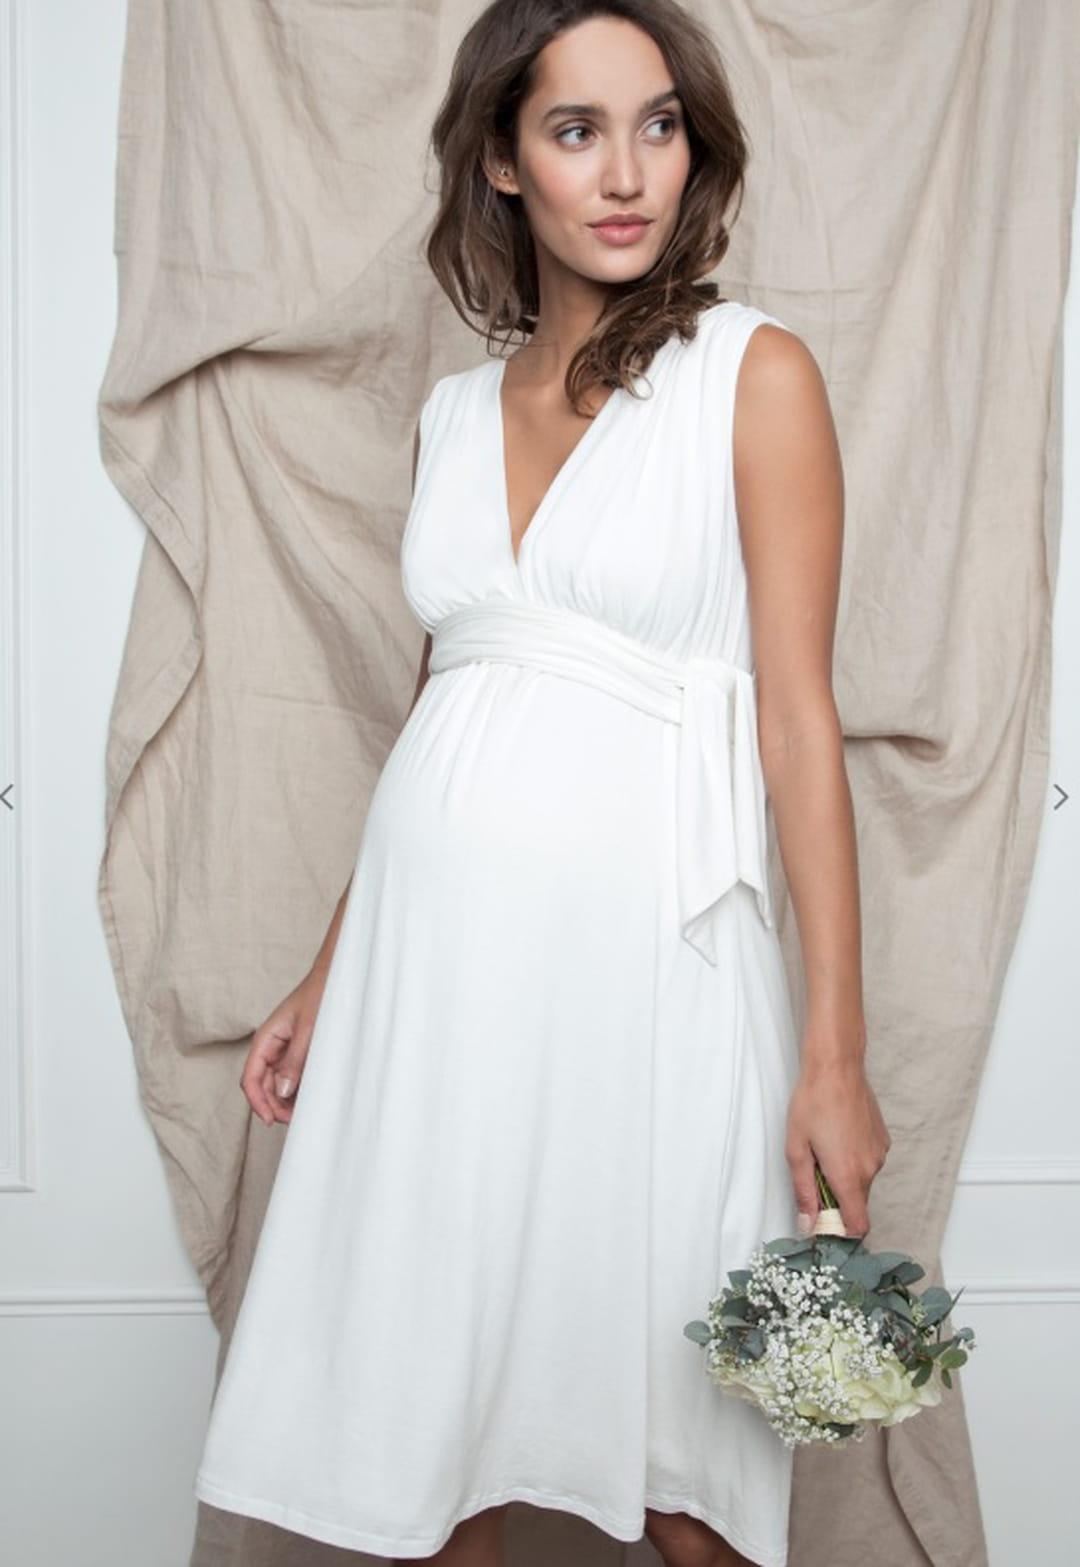 belle qualité gamme complète d'articles nouveau pas cher Où acheter sa robe de mariée de grossesse ?